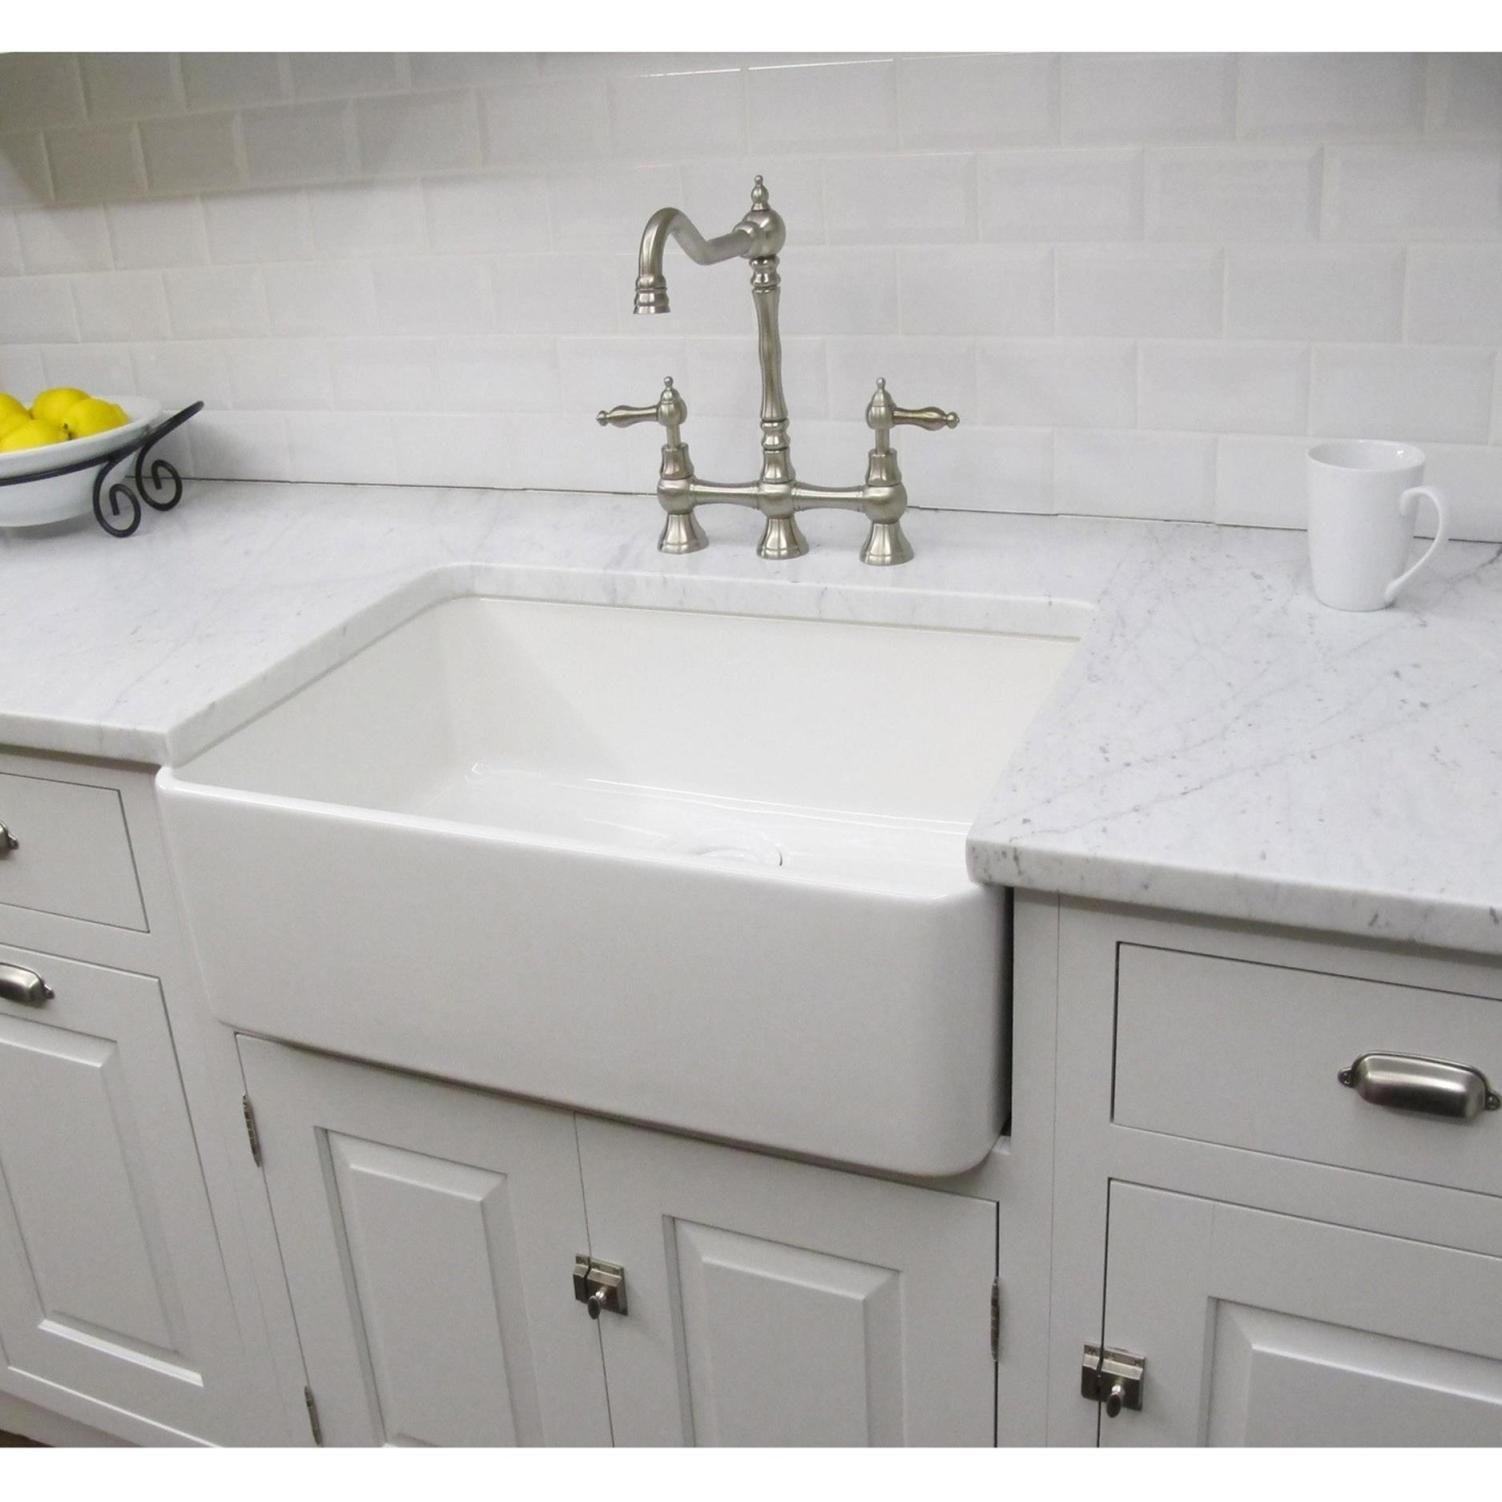 39 cheap farmhouse style bathroom sink ideas farmhouse